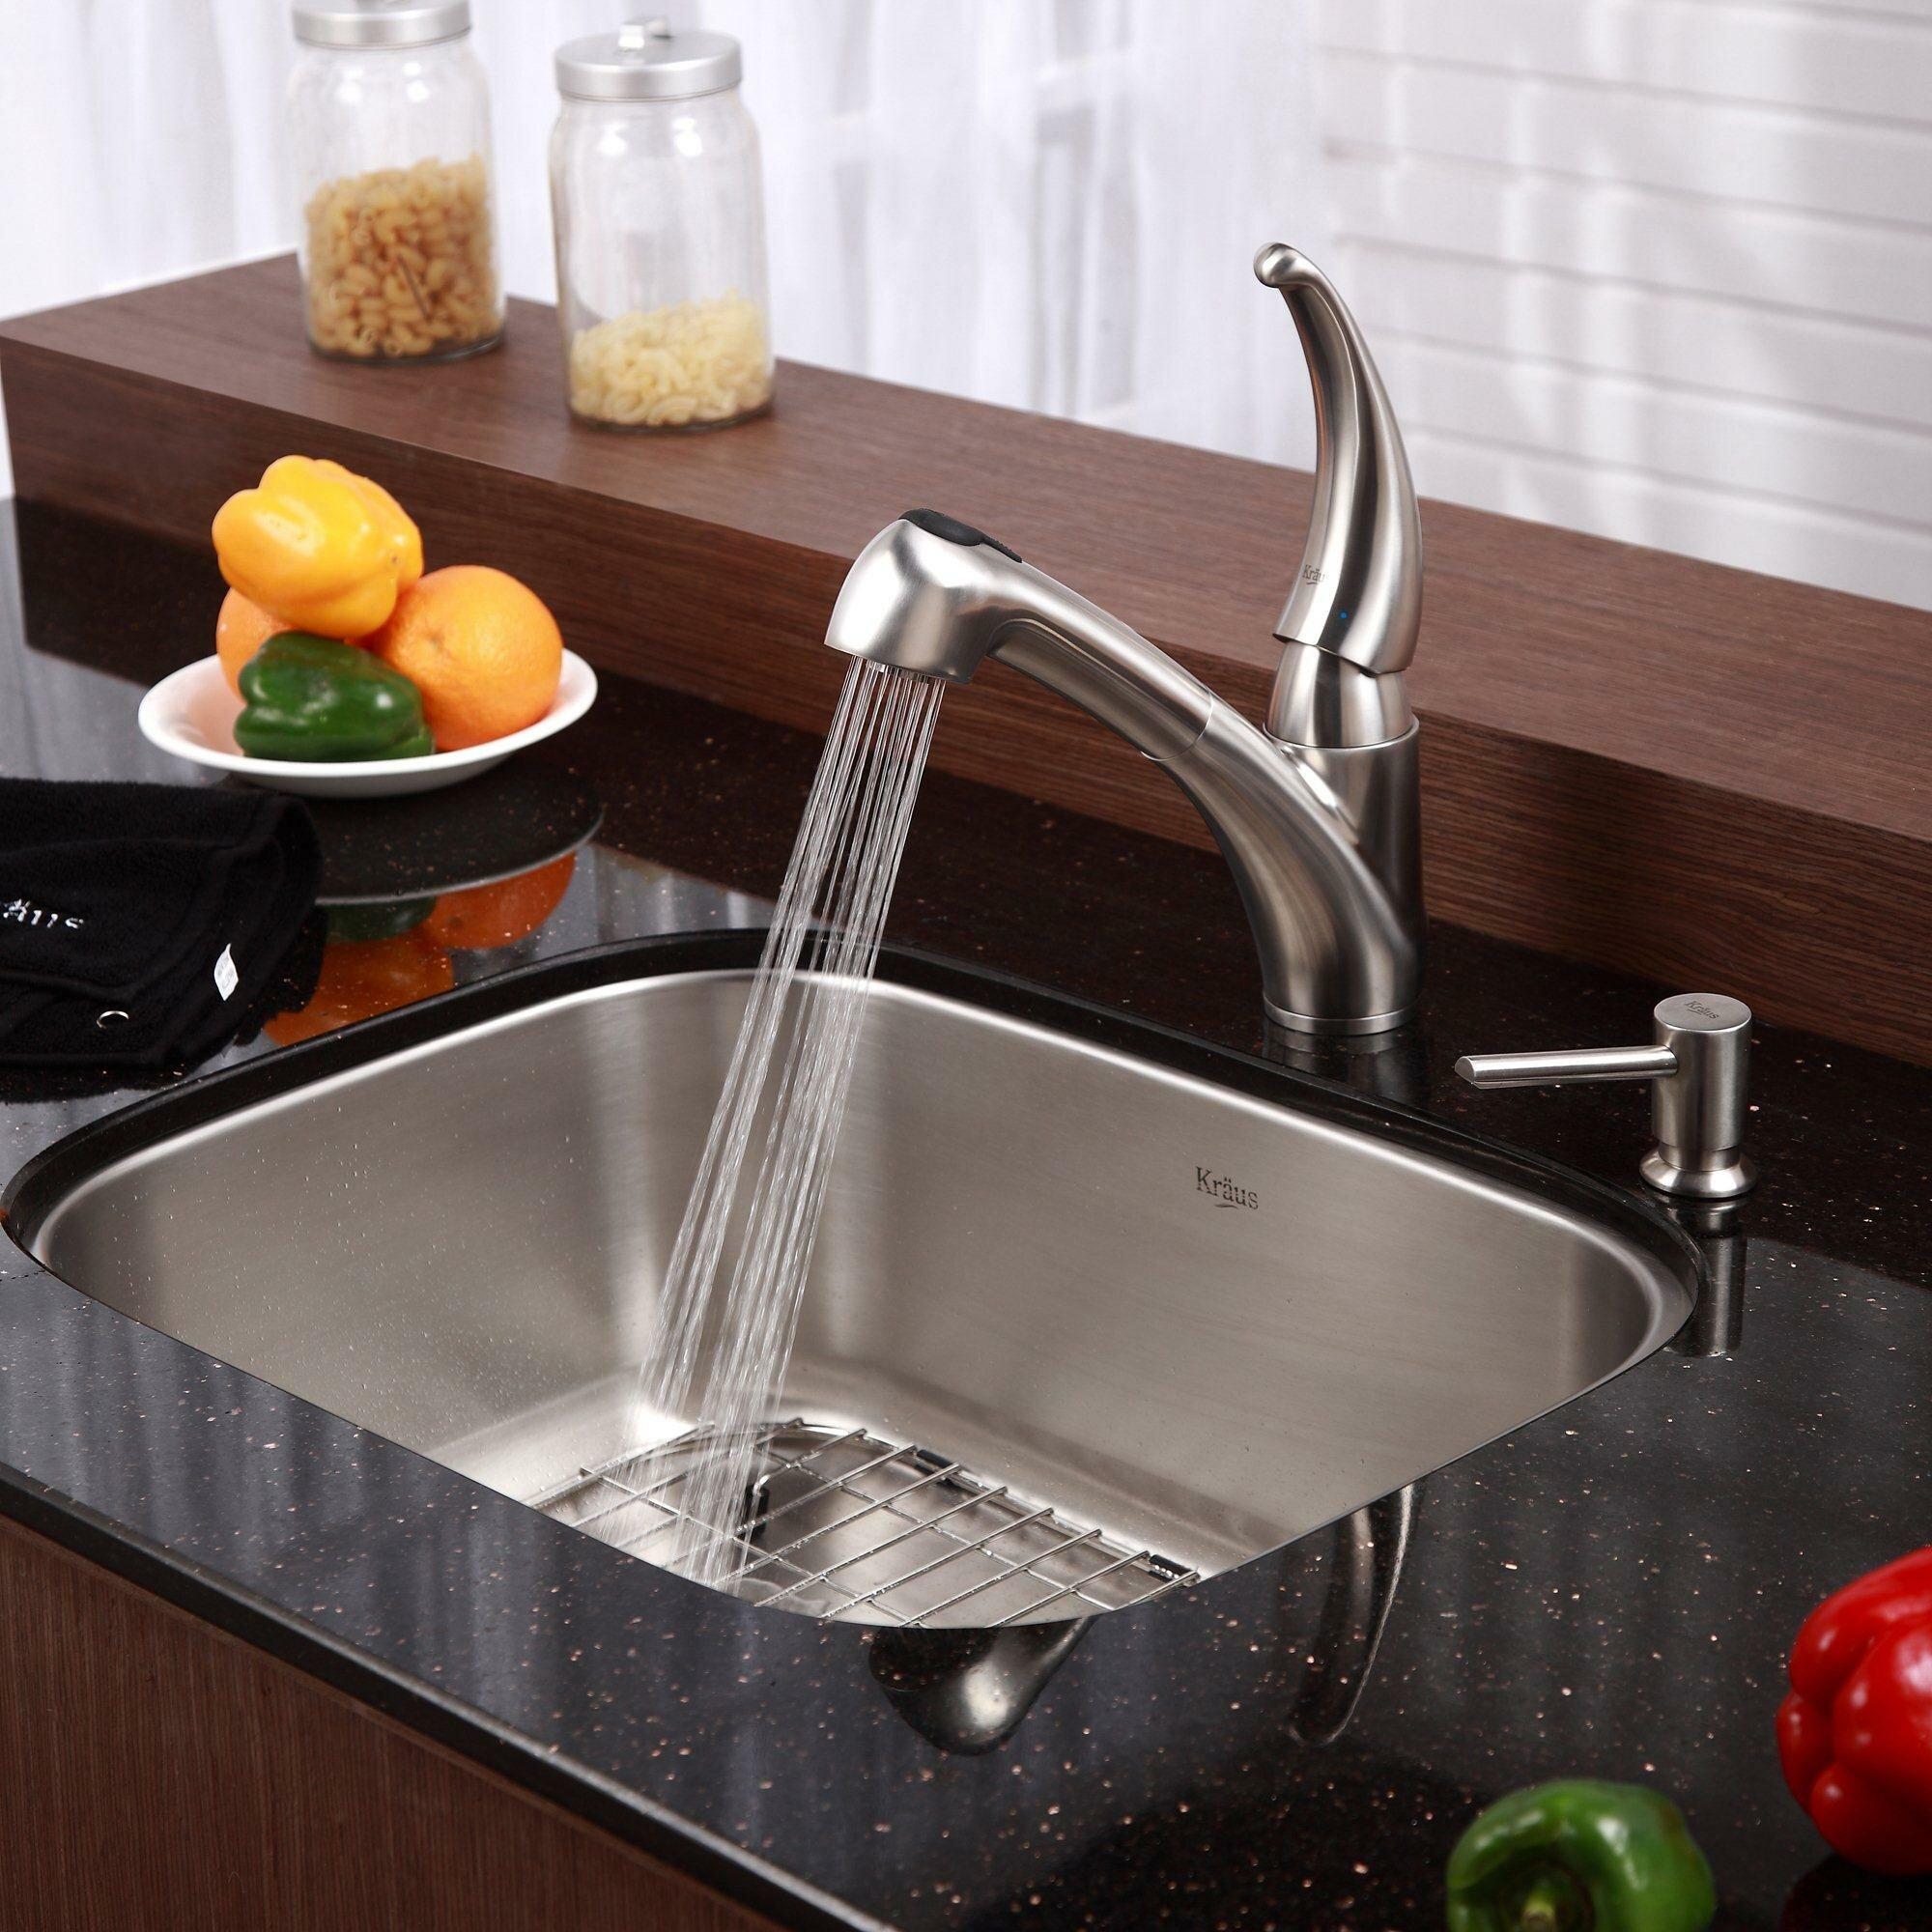 Kraus 23 Undermount Sink : Kraus 23